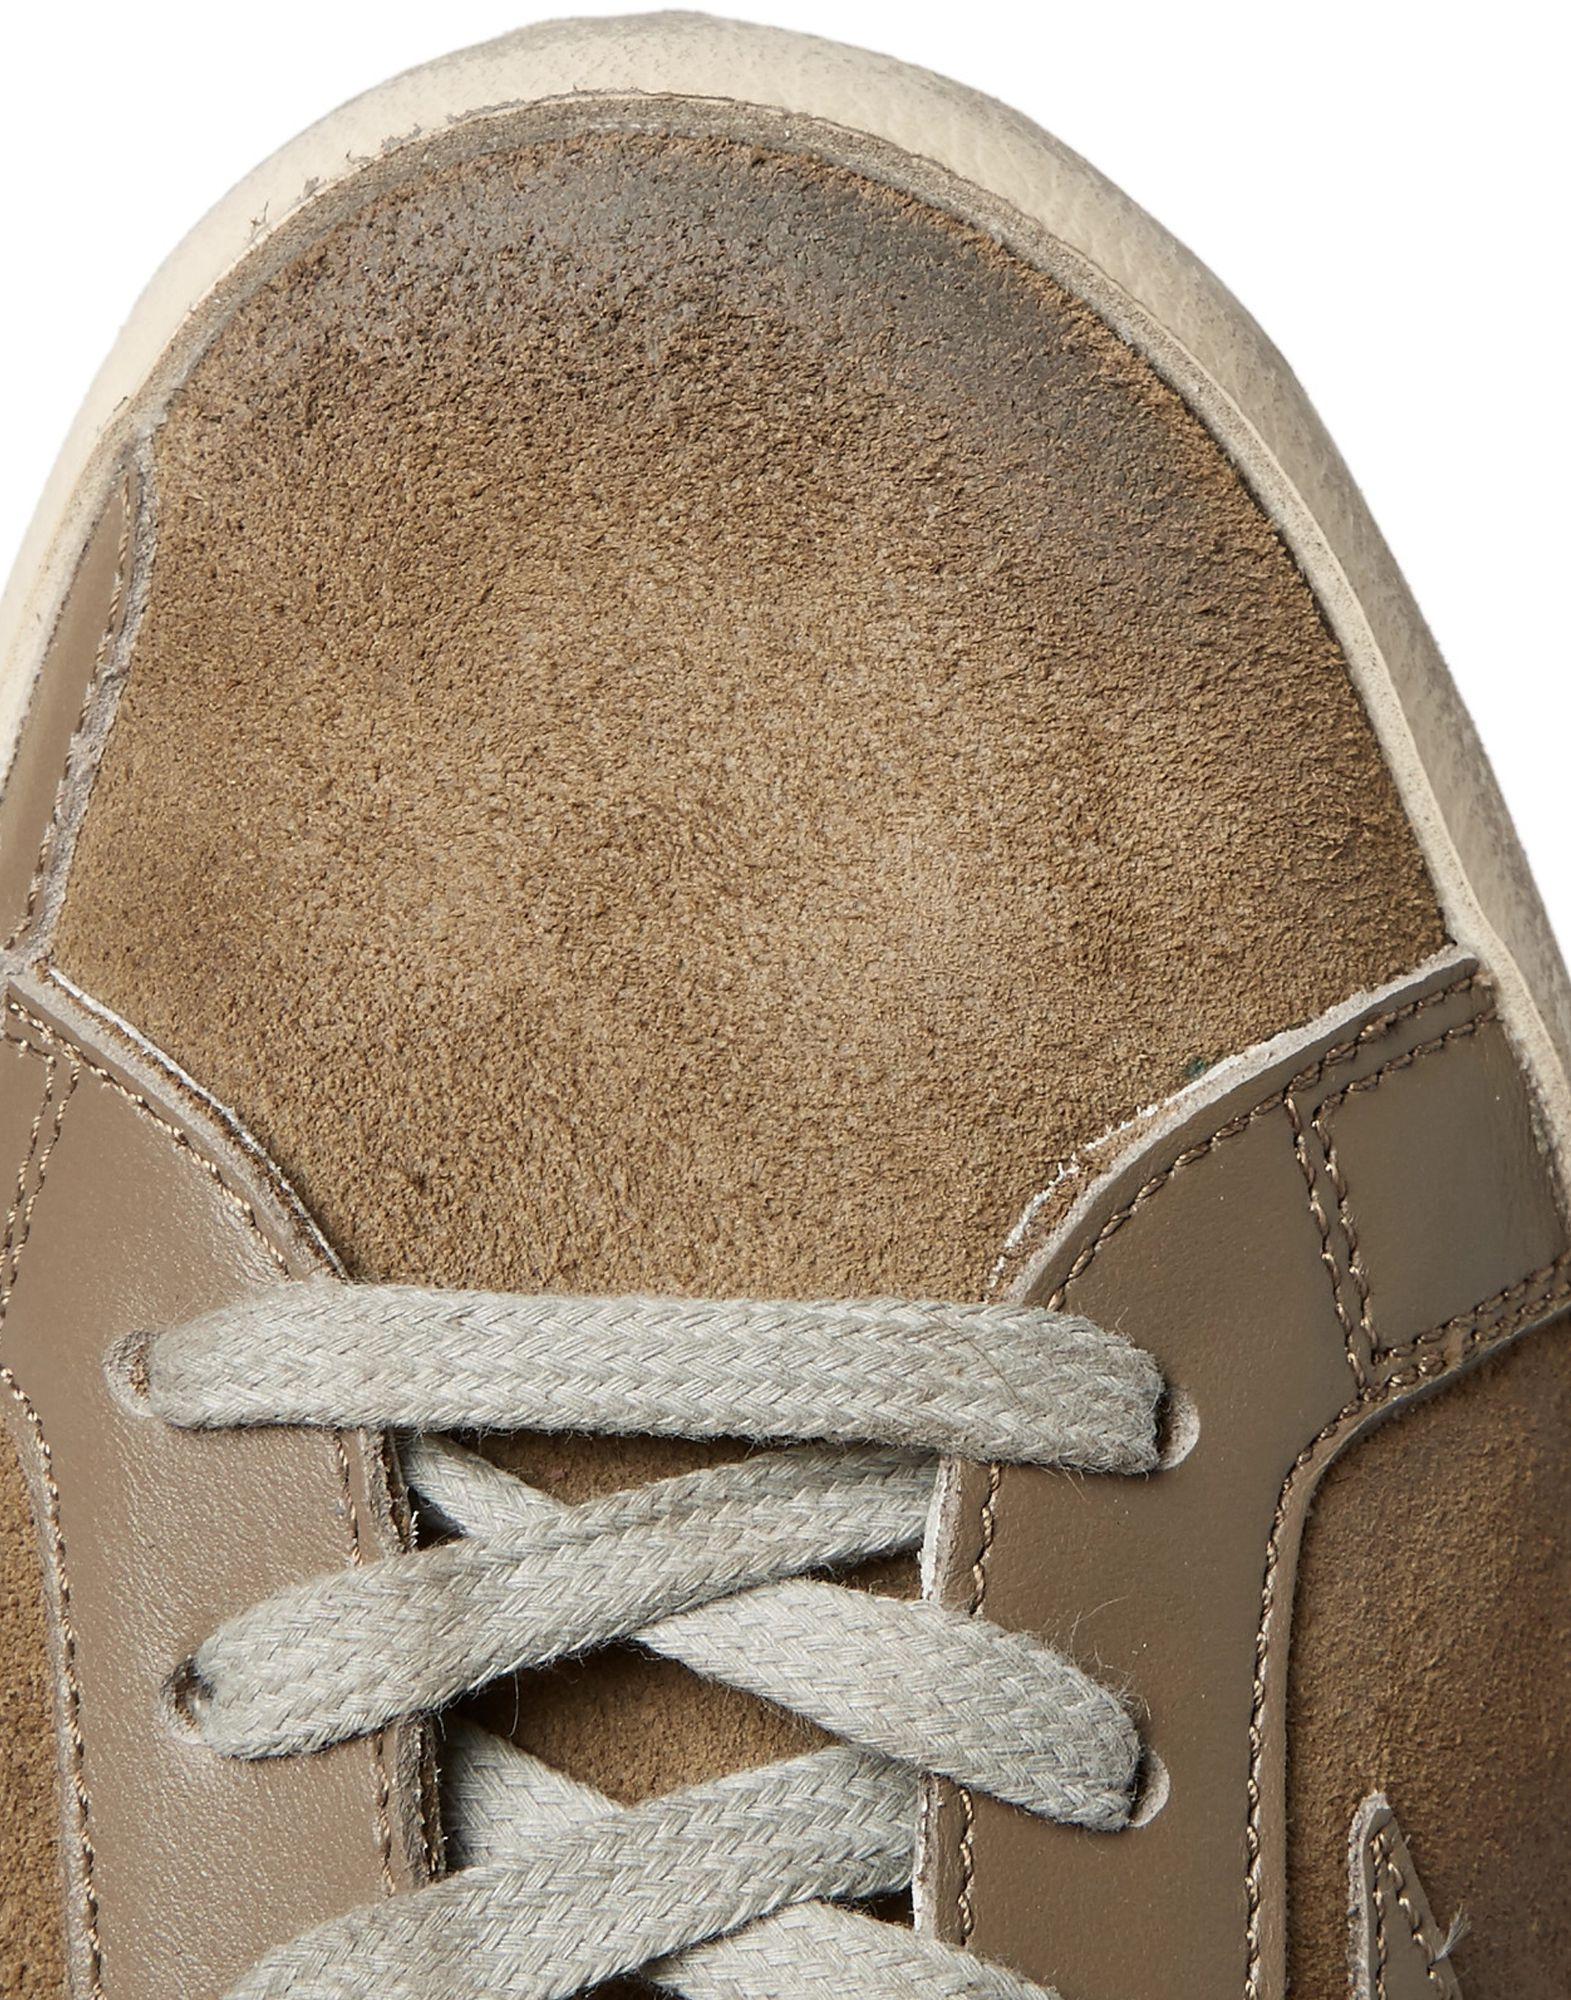 Golden Goose Deluxe lohnt Brand Sneakers Herren Gutes Preis-Leistungs-Verhältnis, es lohnt Deluxe sich bee05d